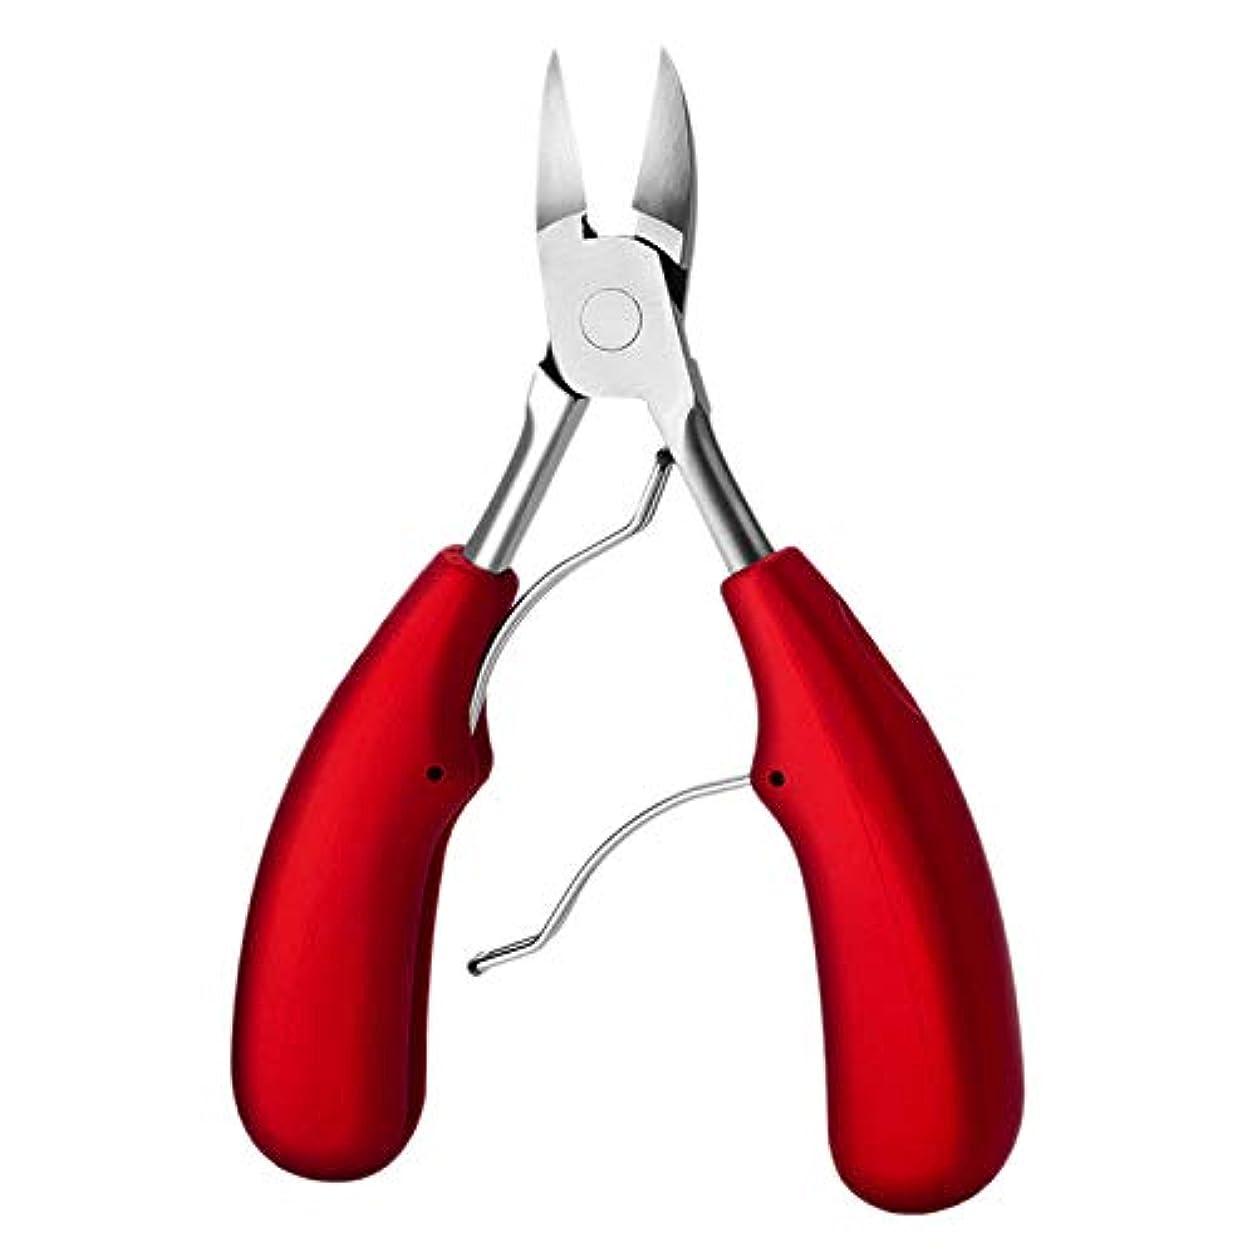 ヒール石炭アナニバーCUHAWUDBA 新型つま先ツメ切り、2ピース、ネイルの修正用ニッパー、クリッパー、カッター、死んだ皮膚汚れのリムーバー、足病治療、ペディキュアケアツール、赤色